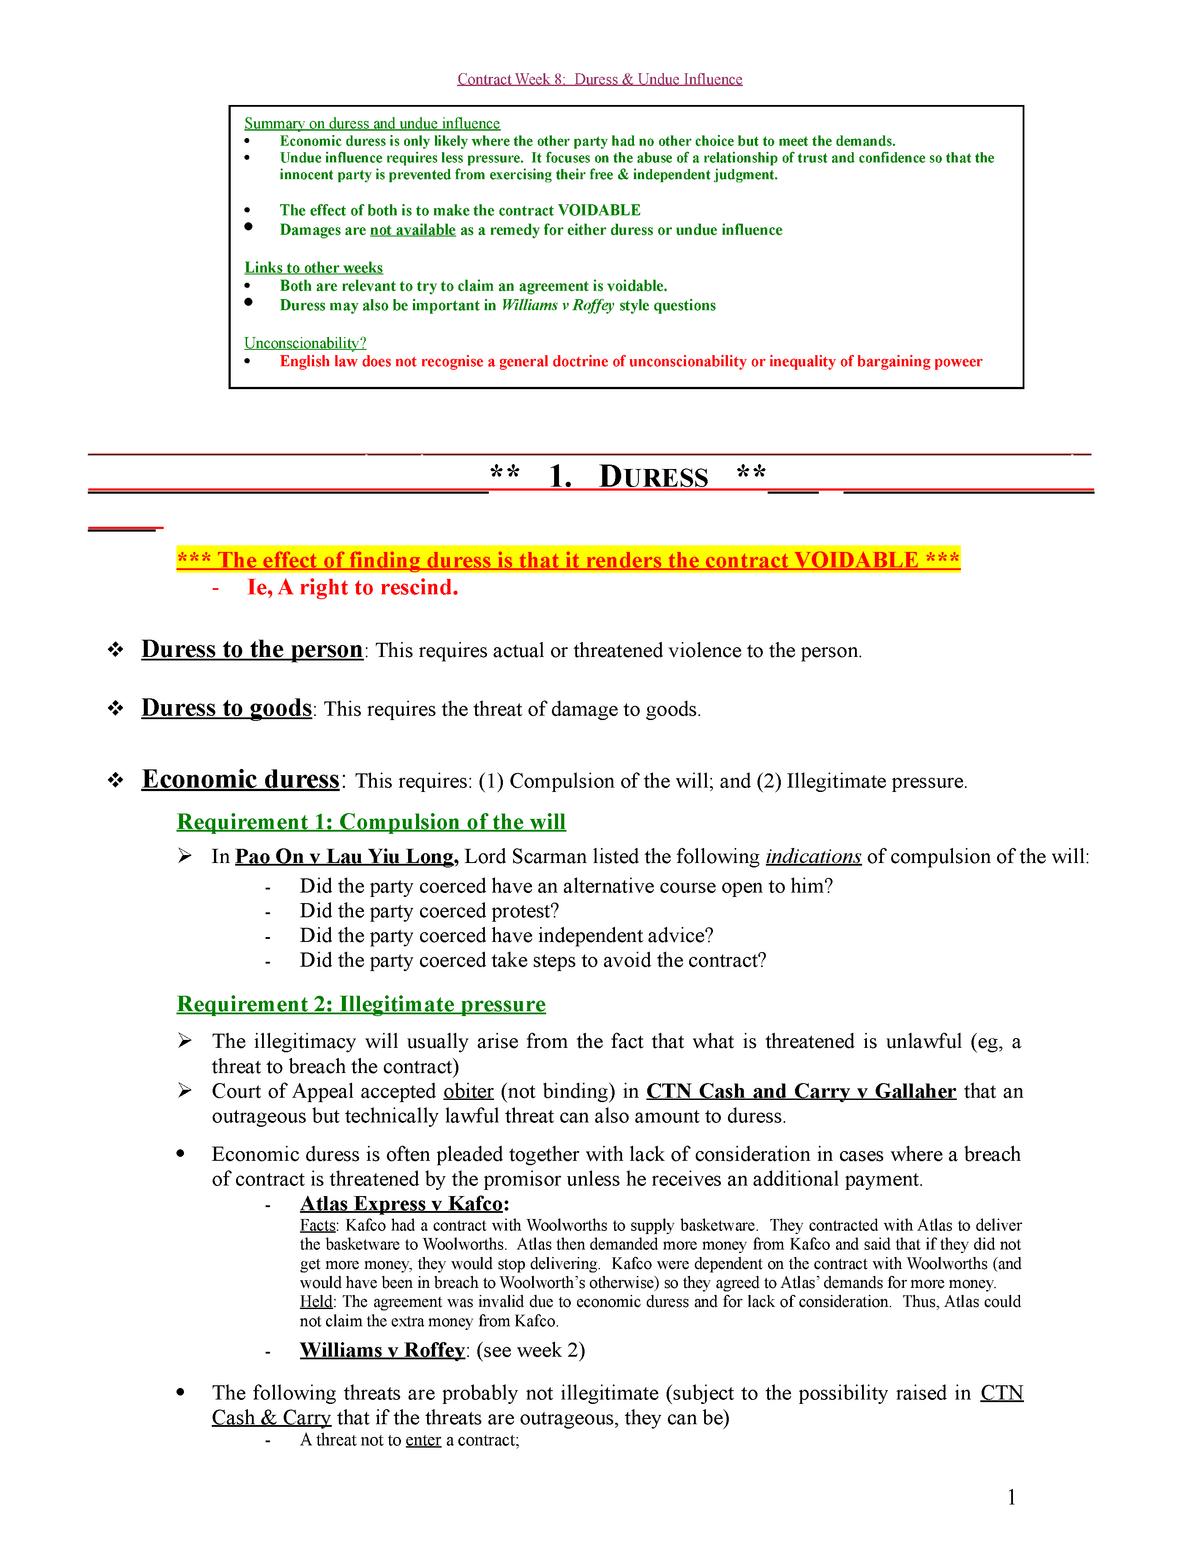 8  Duress & Undue Influence - Contract law - Herts - StuDocu